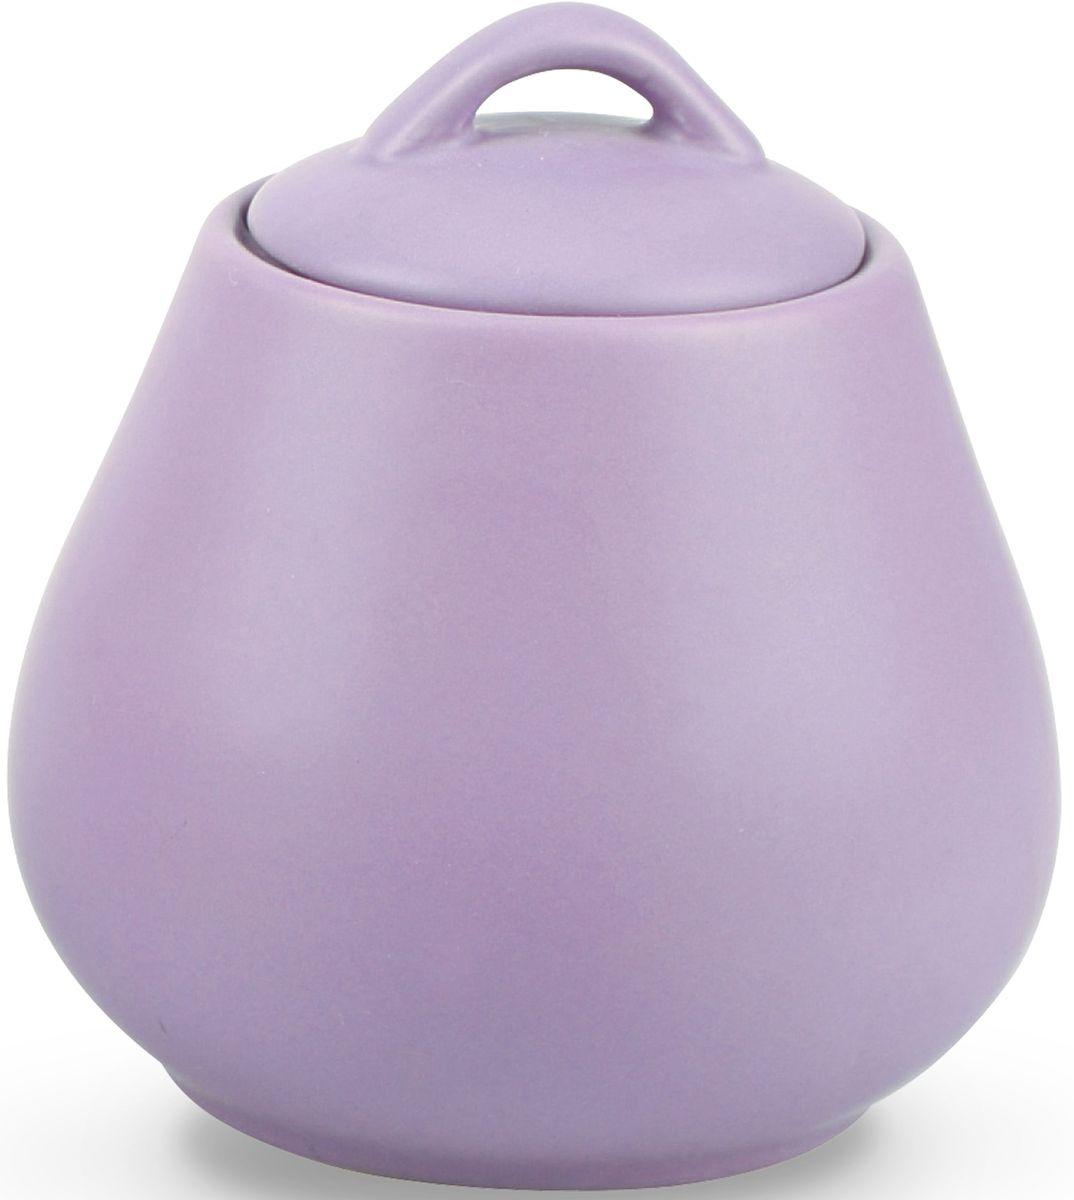 Сахарница Fissman, цвет: лиловый, 600 мл. 9328 цена